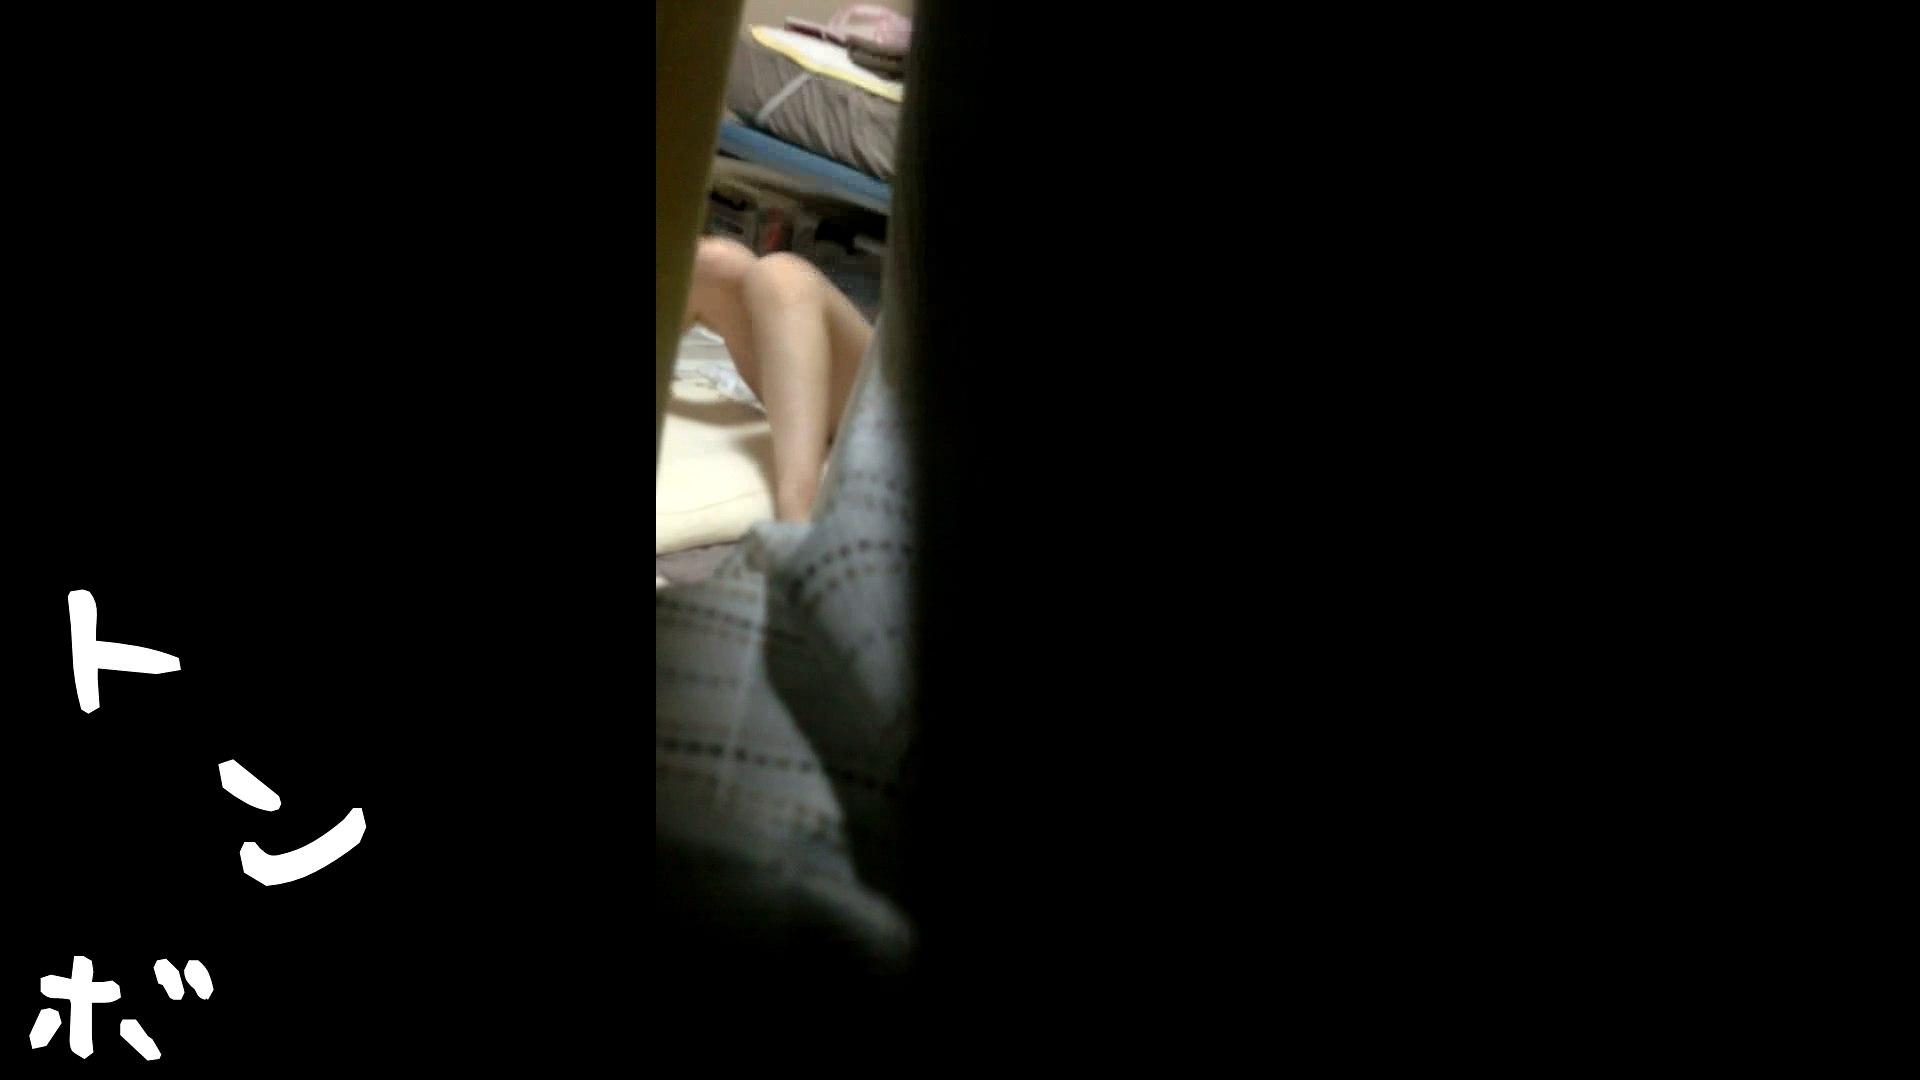 リアル盗撮 作家志望J子 アソコのお手入れ最中に感じてパンツを湿らす 盗撮   高画質  105pic 66